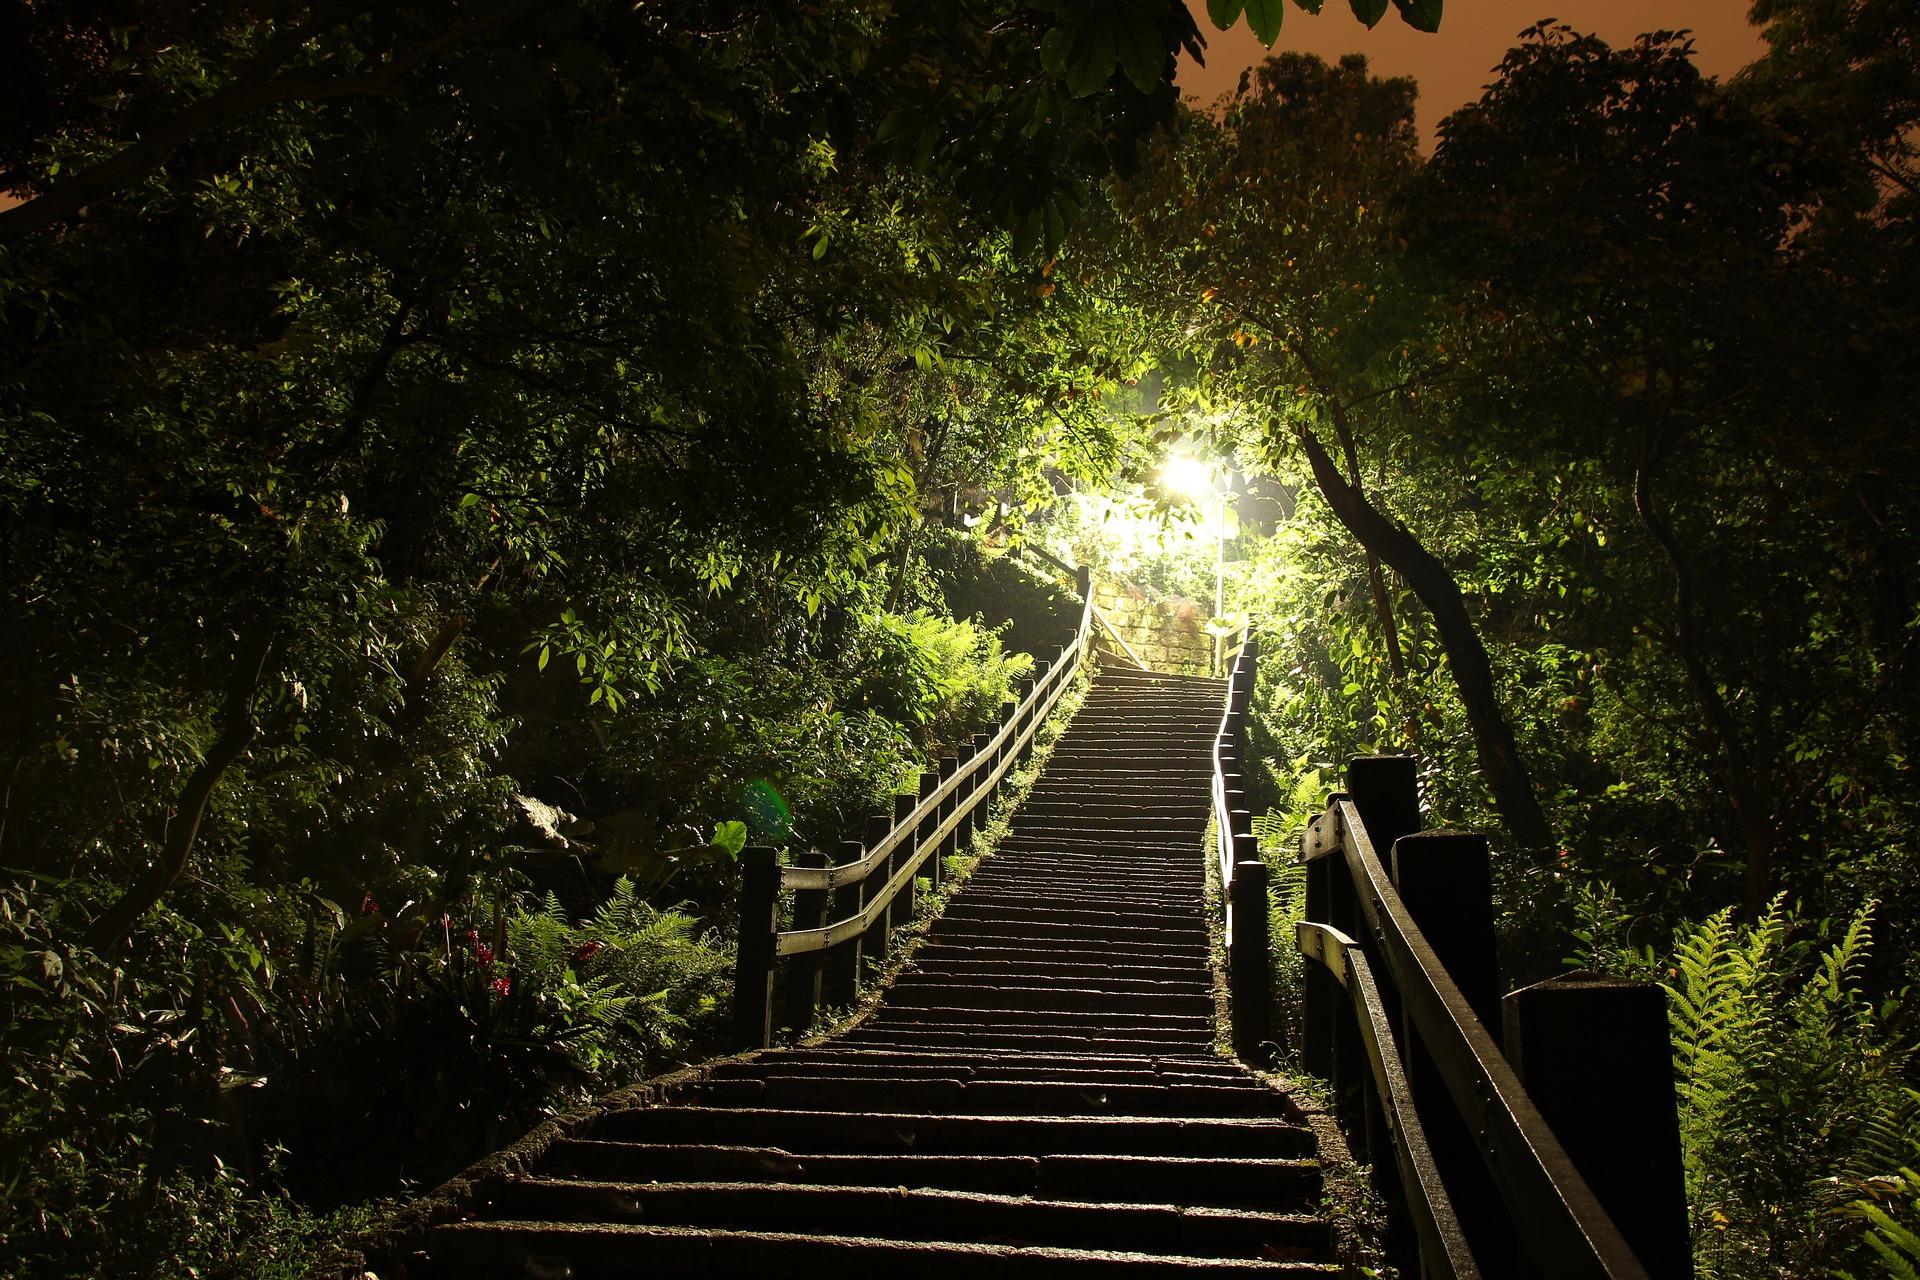 light-2401495_1920.jpg